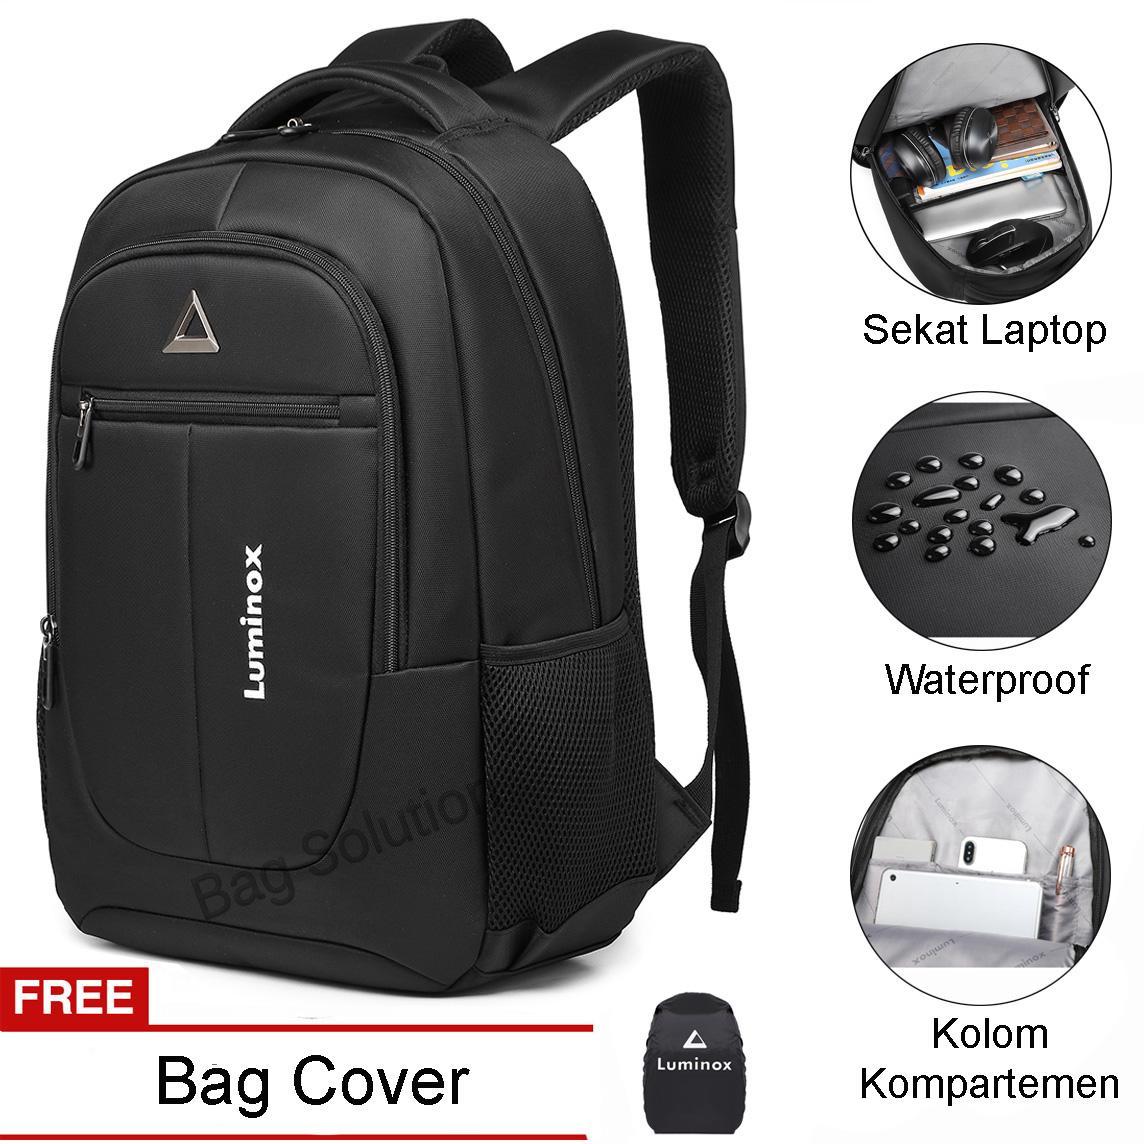 luminox tas ransel laptop tas pria tas wanita tas punggung tas sekolah tas outdoor tas kerja tas kuliah hffh – free bag cover